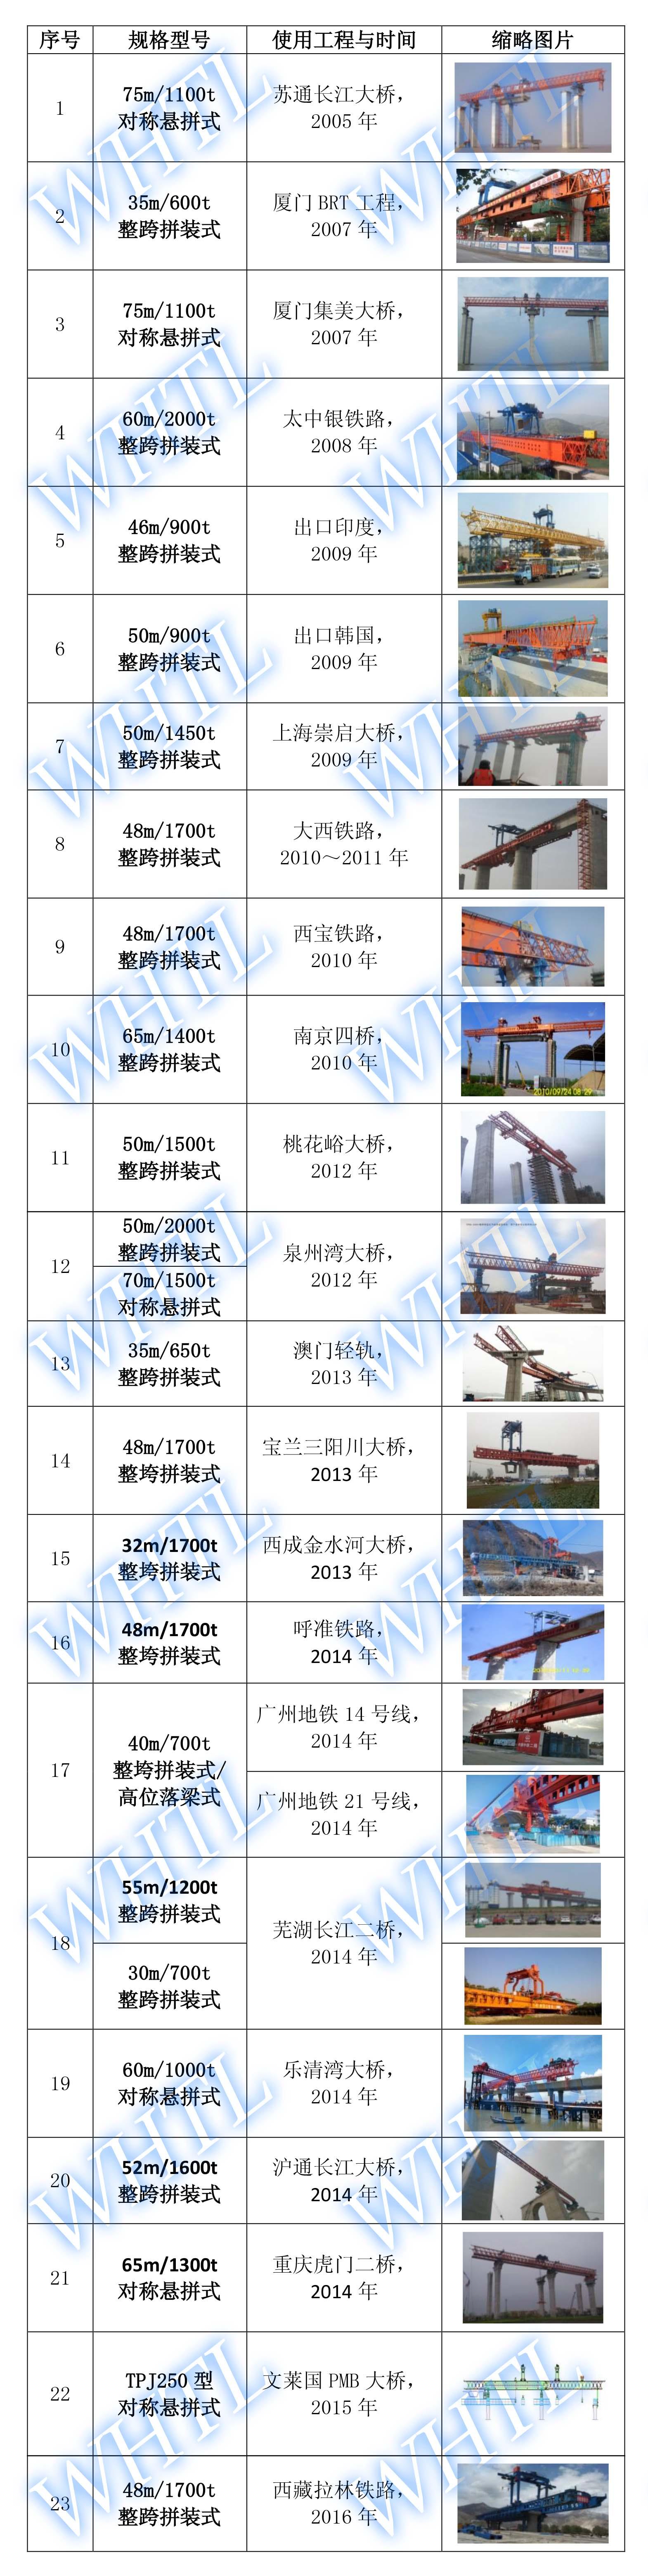 节段拼装架桥机业绩表-2